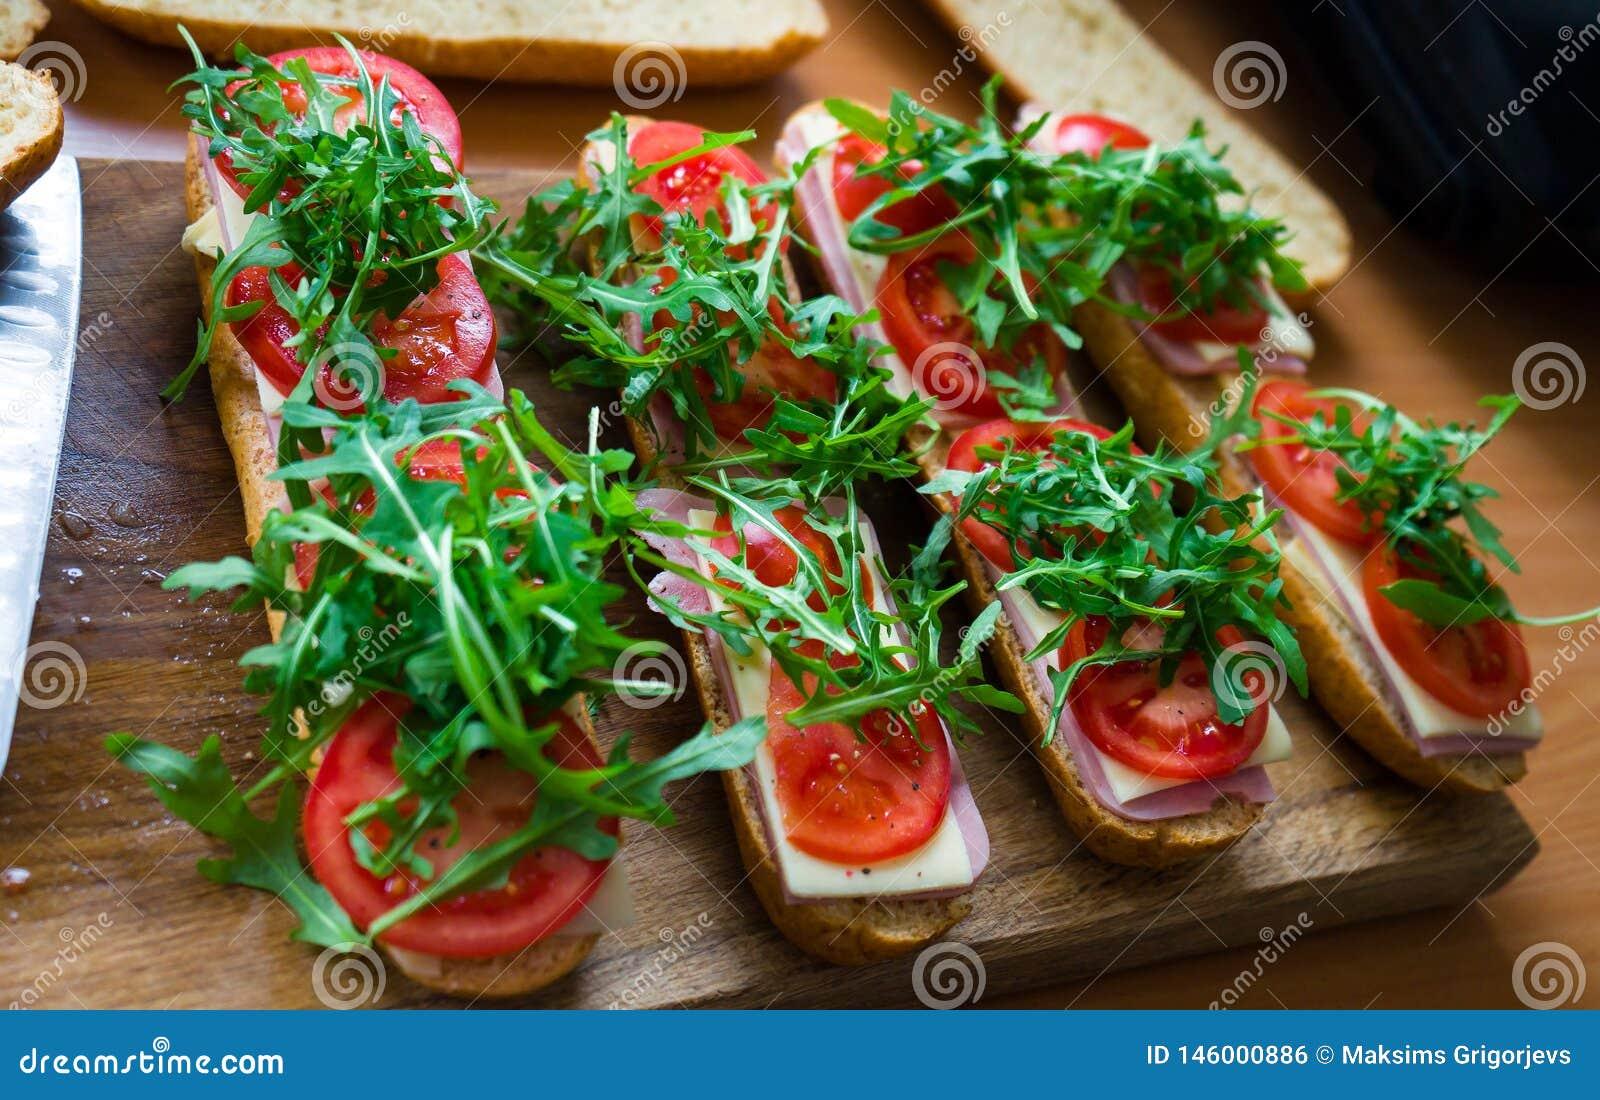 新鲜的水下长方形宝石三明治用火腿、乳酪、蕃茄和狂放的火箭 r